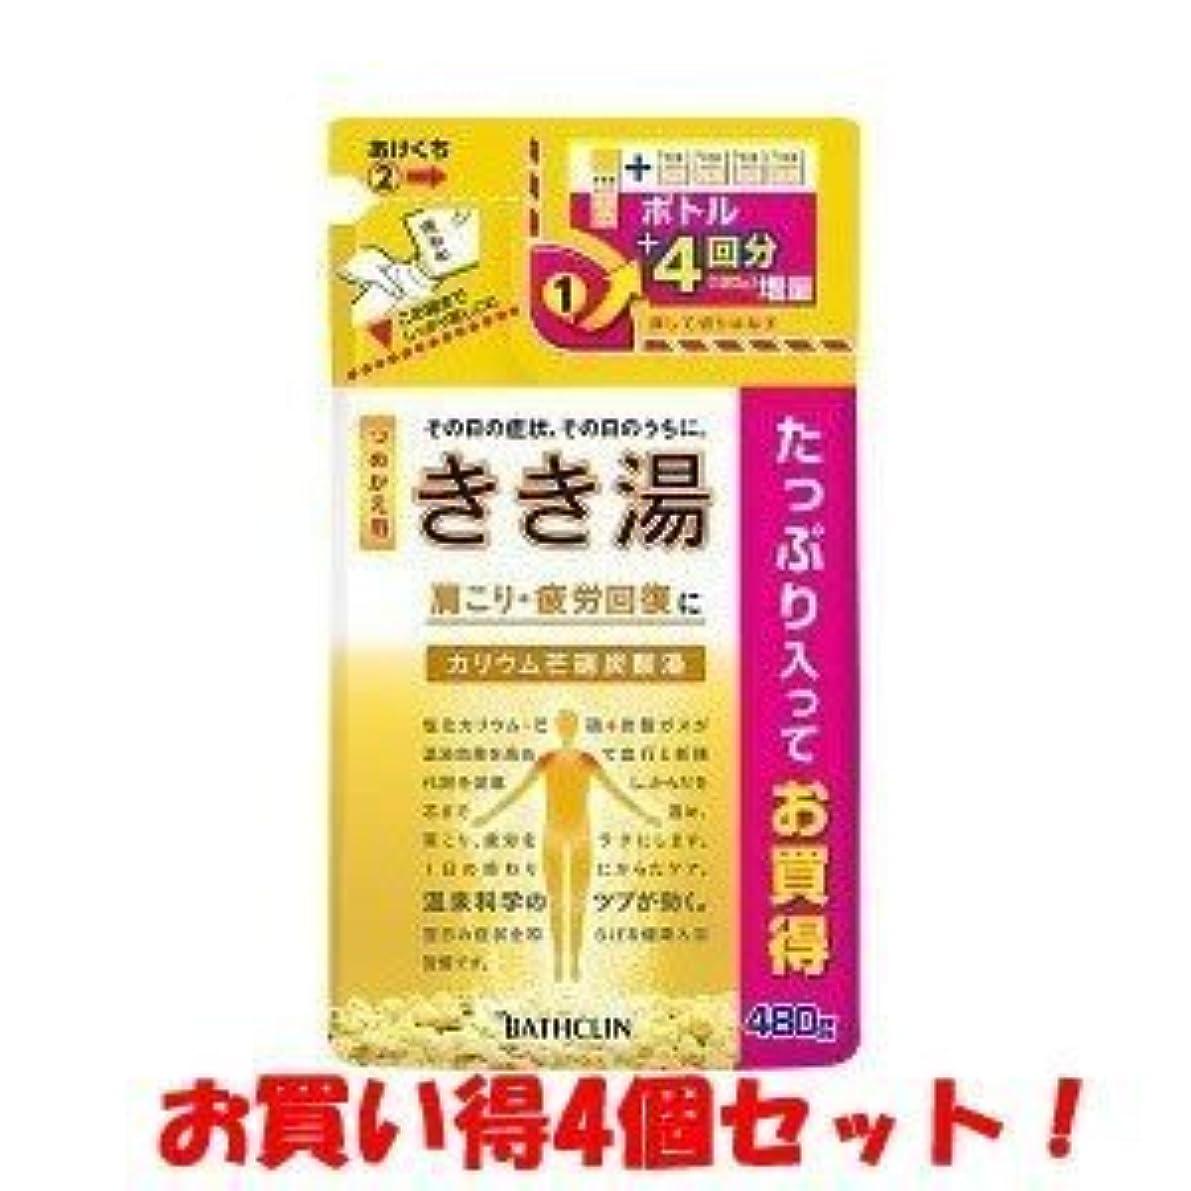 イチゴ不安定期的(バスクリン)きき湯 カリウム芒硝炭酸湯 つめかえ用 480g(医薬部外品)(お買い得4個セット)